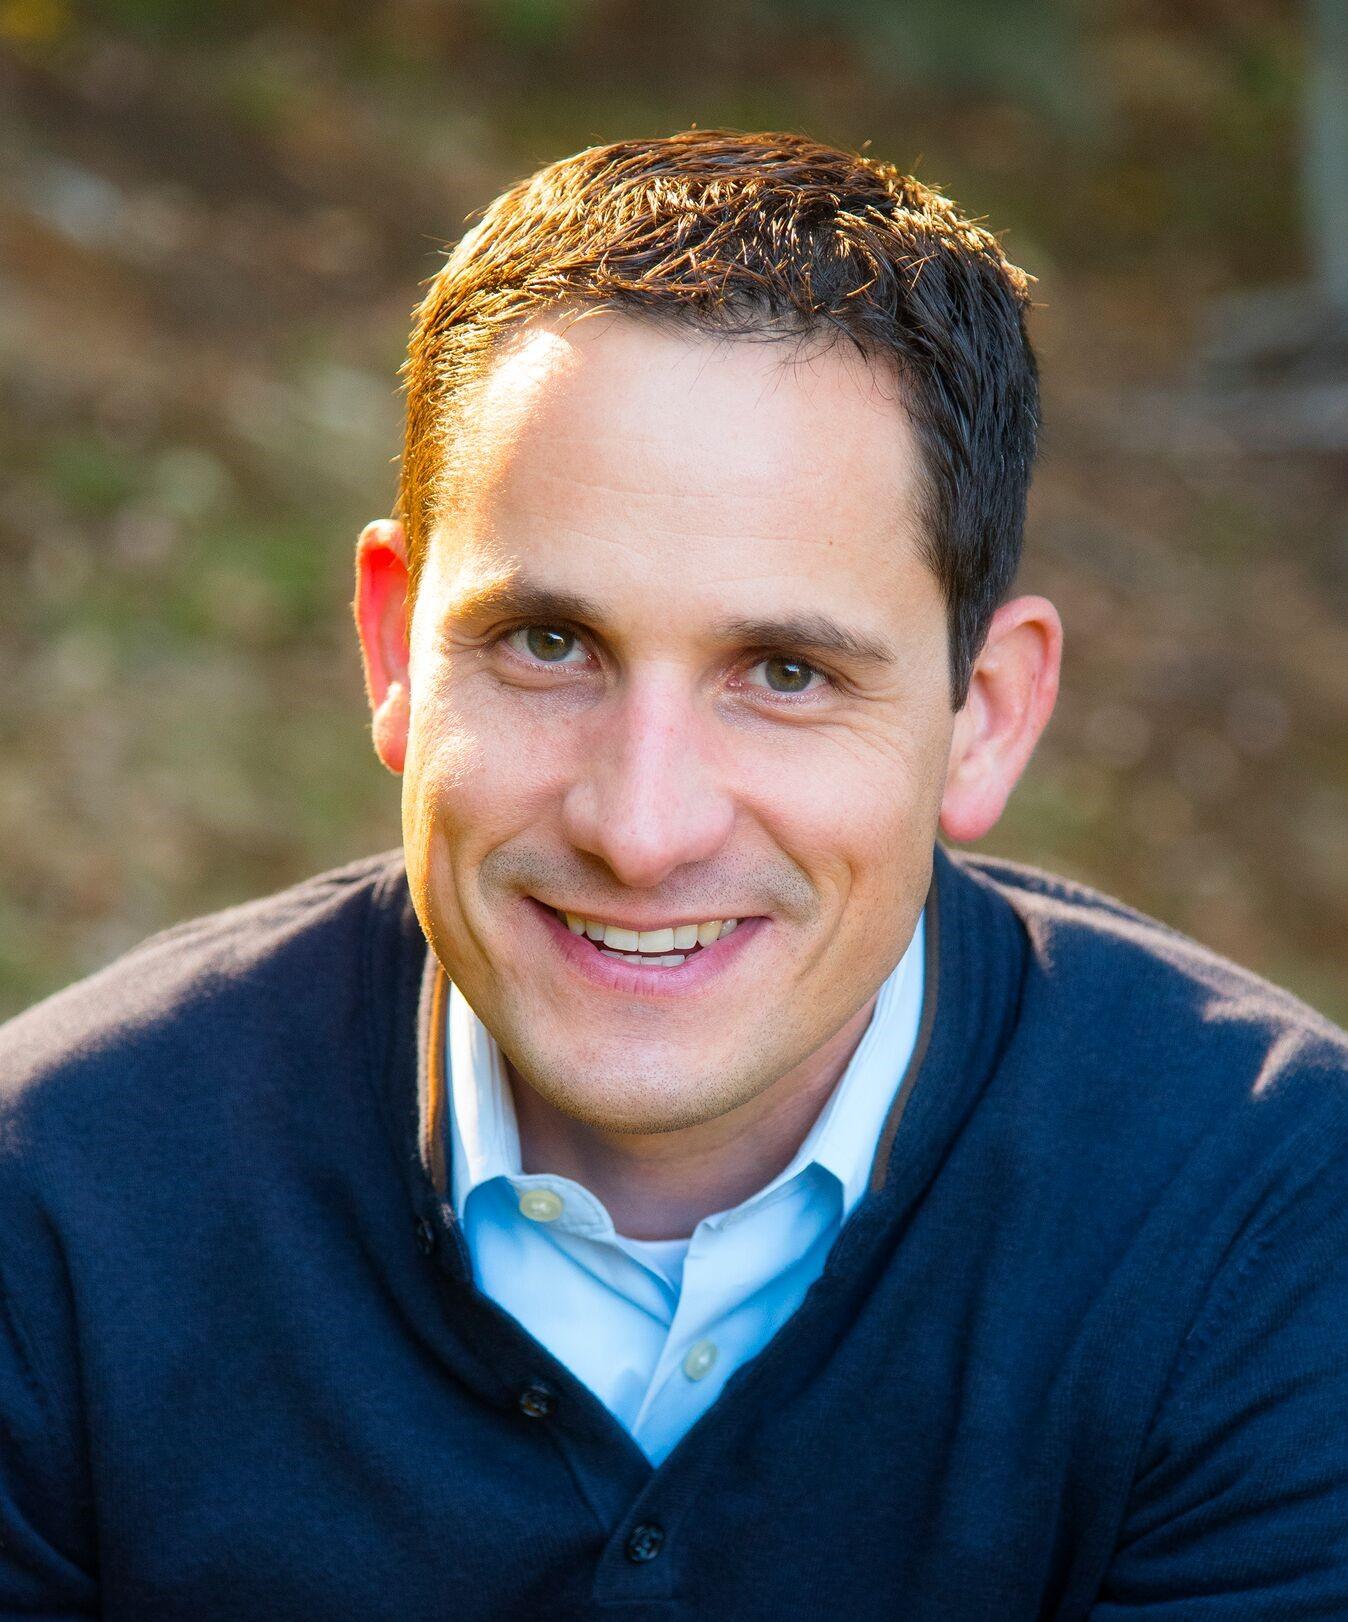 Dave Repczynski